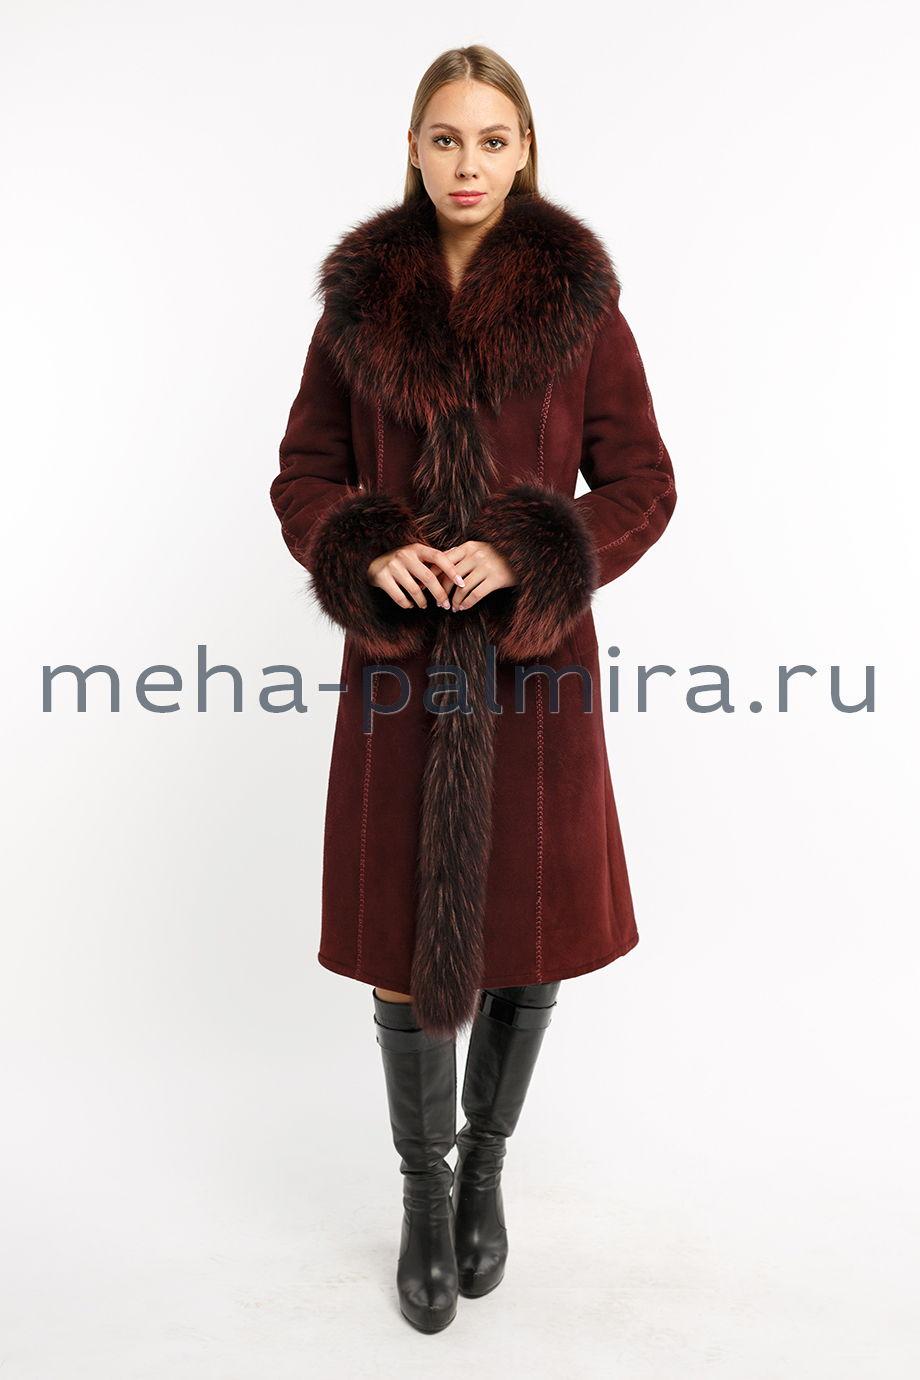 Женская дубленка из овчины цвет бордовый